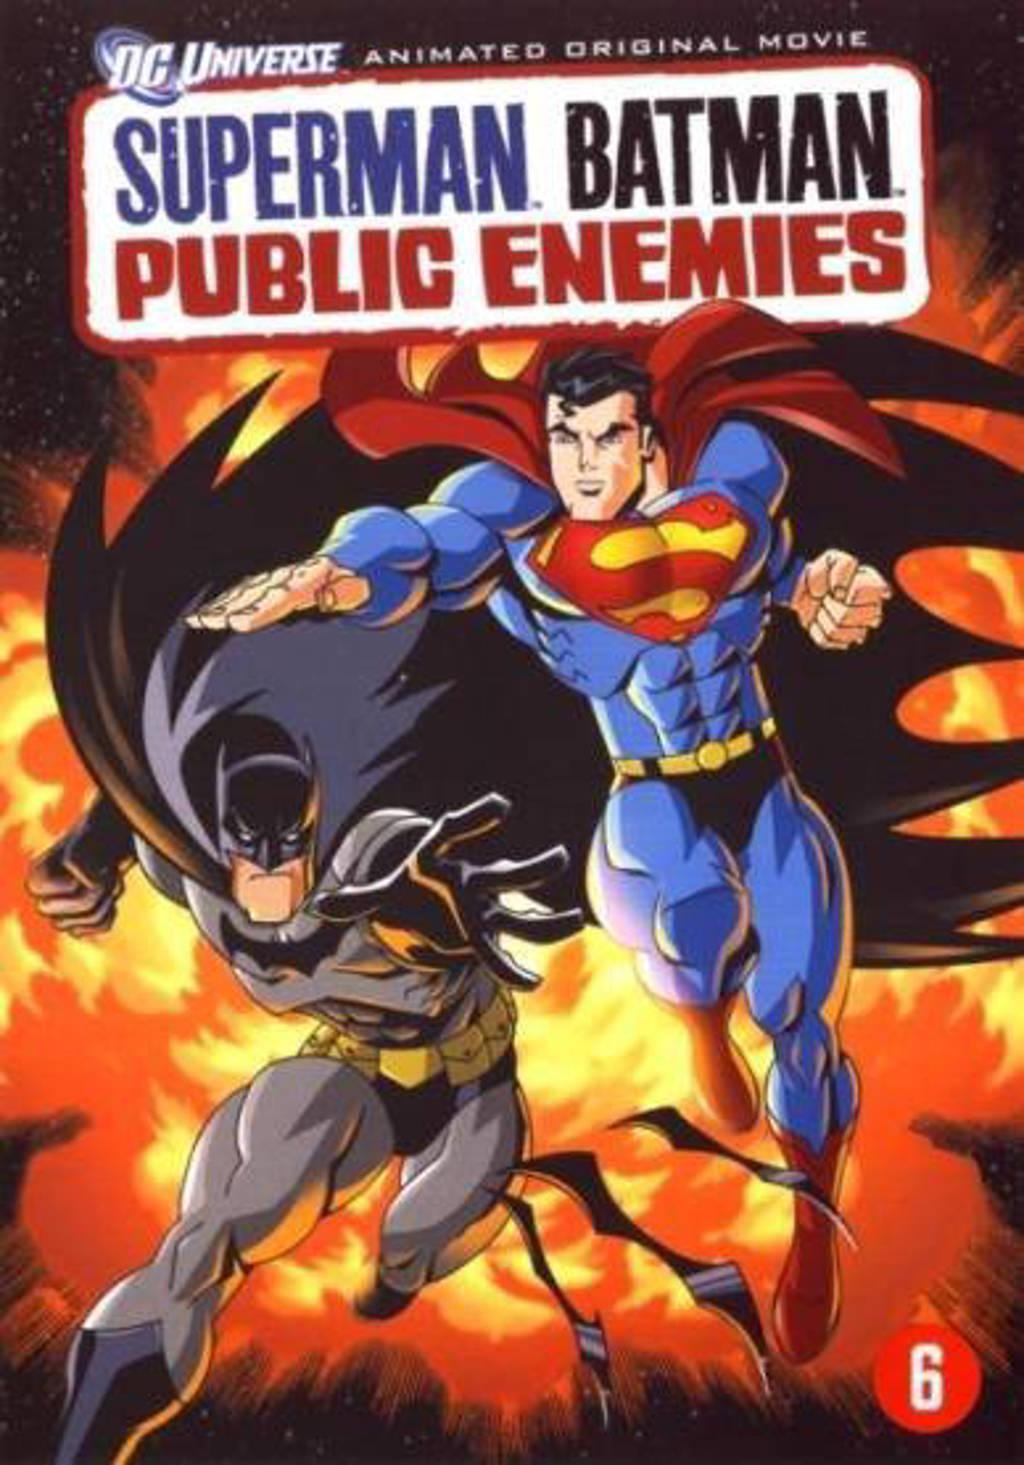 Superman/Batman - Public enemies (DVD)